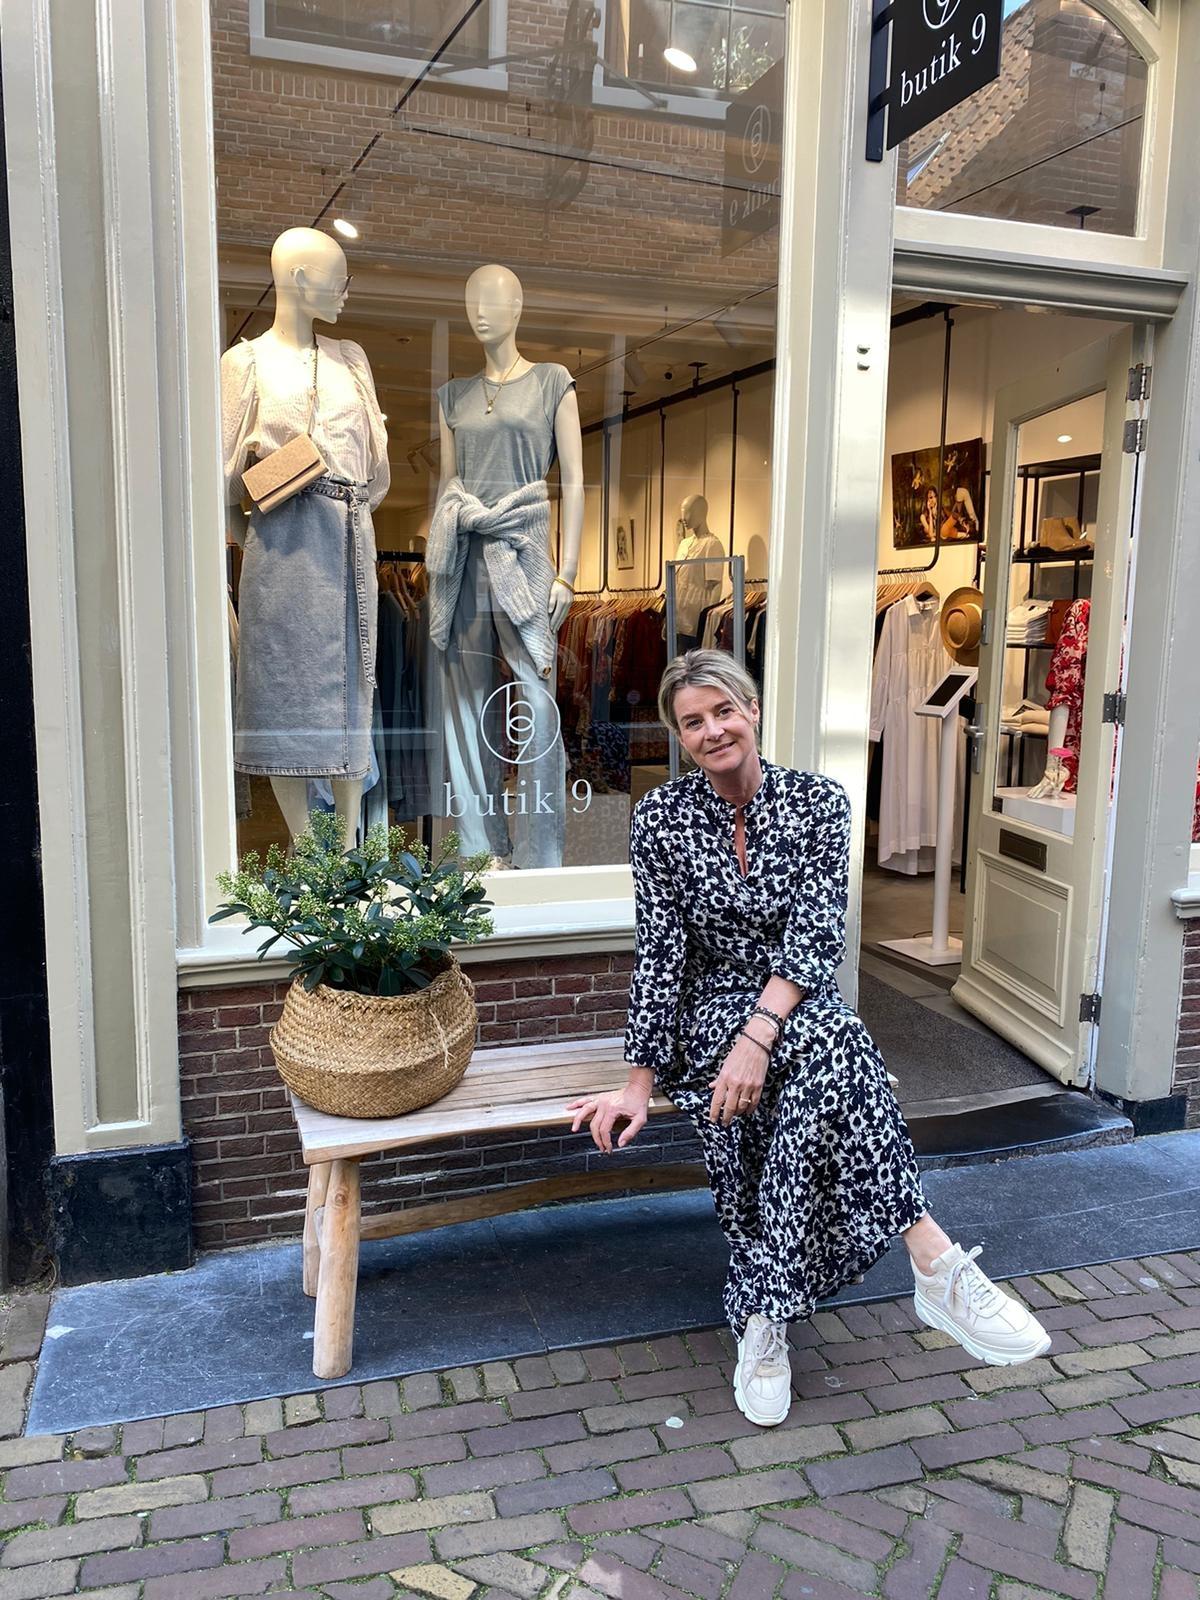 Over ons Mix-butik9 damesmode Alkmaar